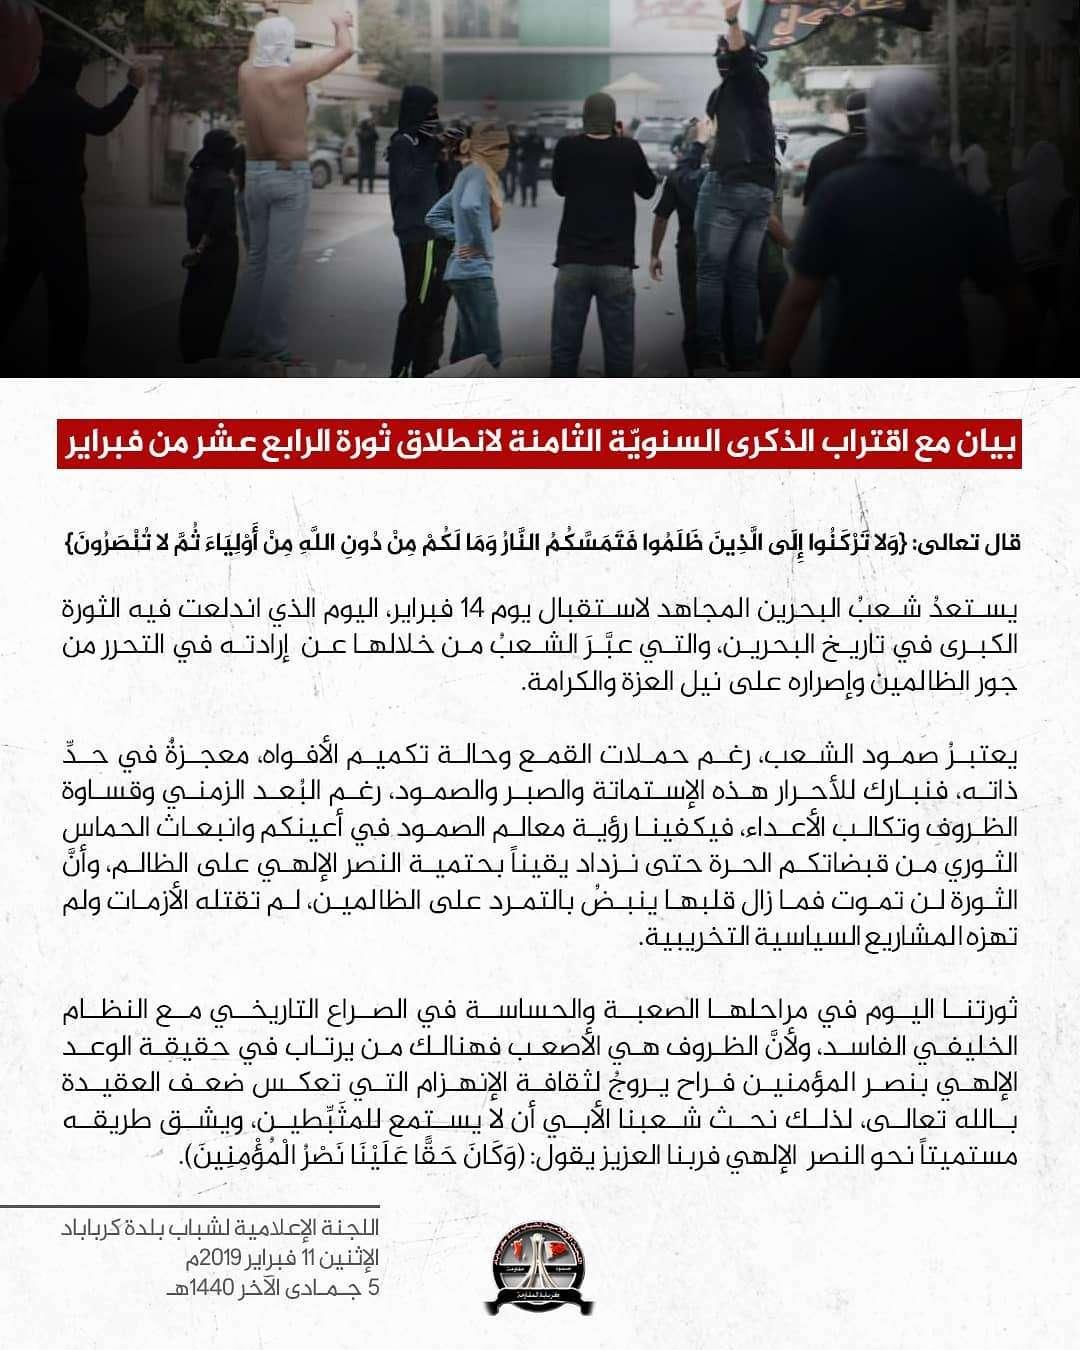 أهالي كرباباد: نبارك لشعب البحرين استماتته وصبره وصموده في ثورته